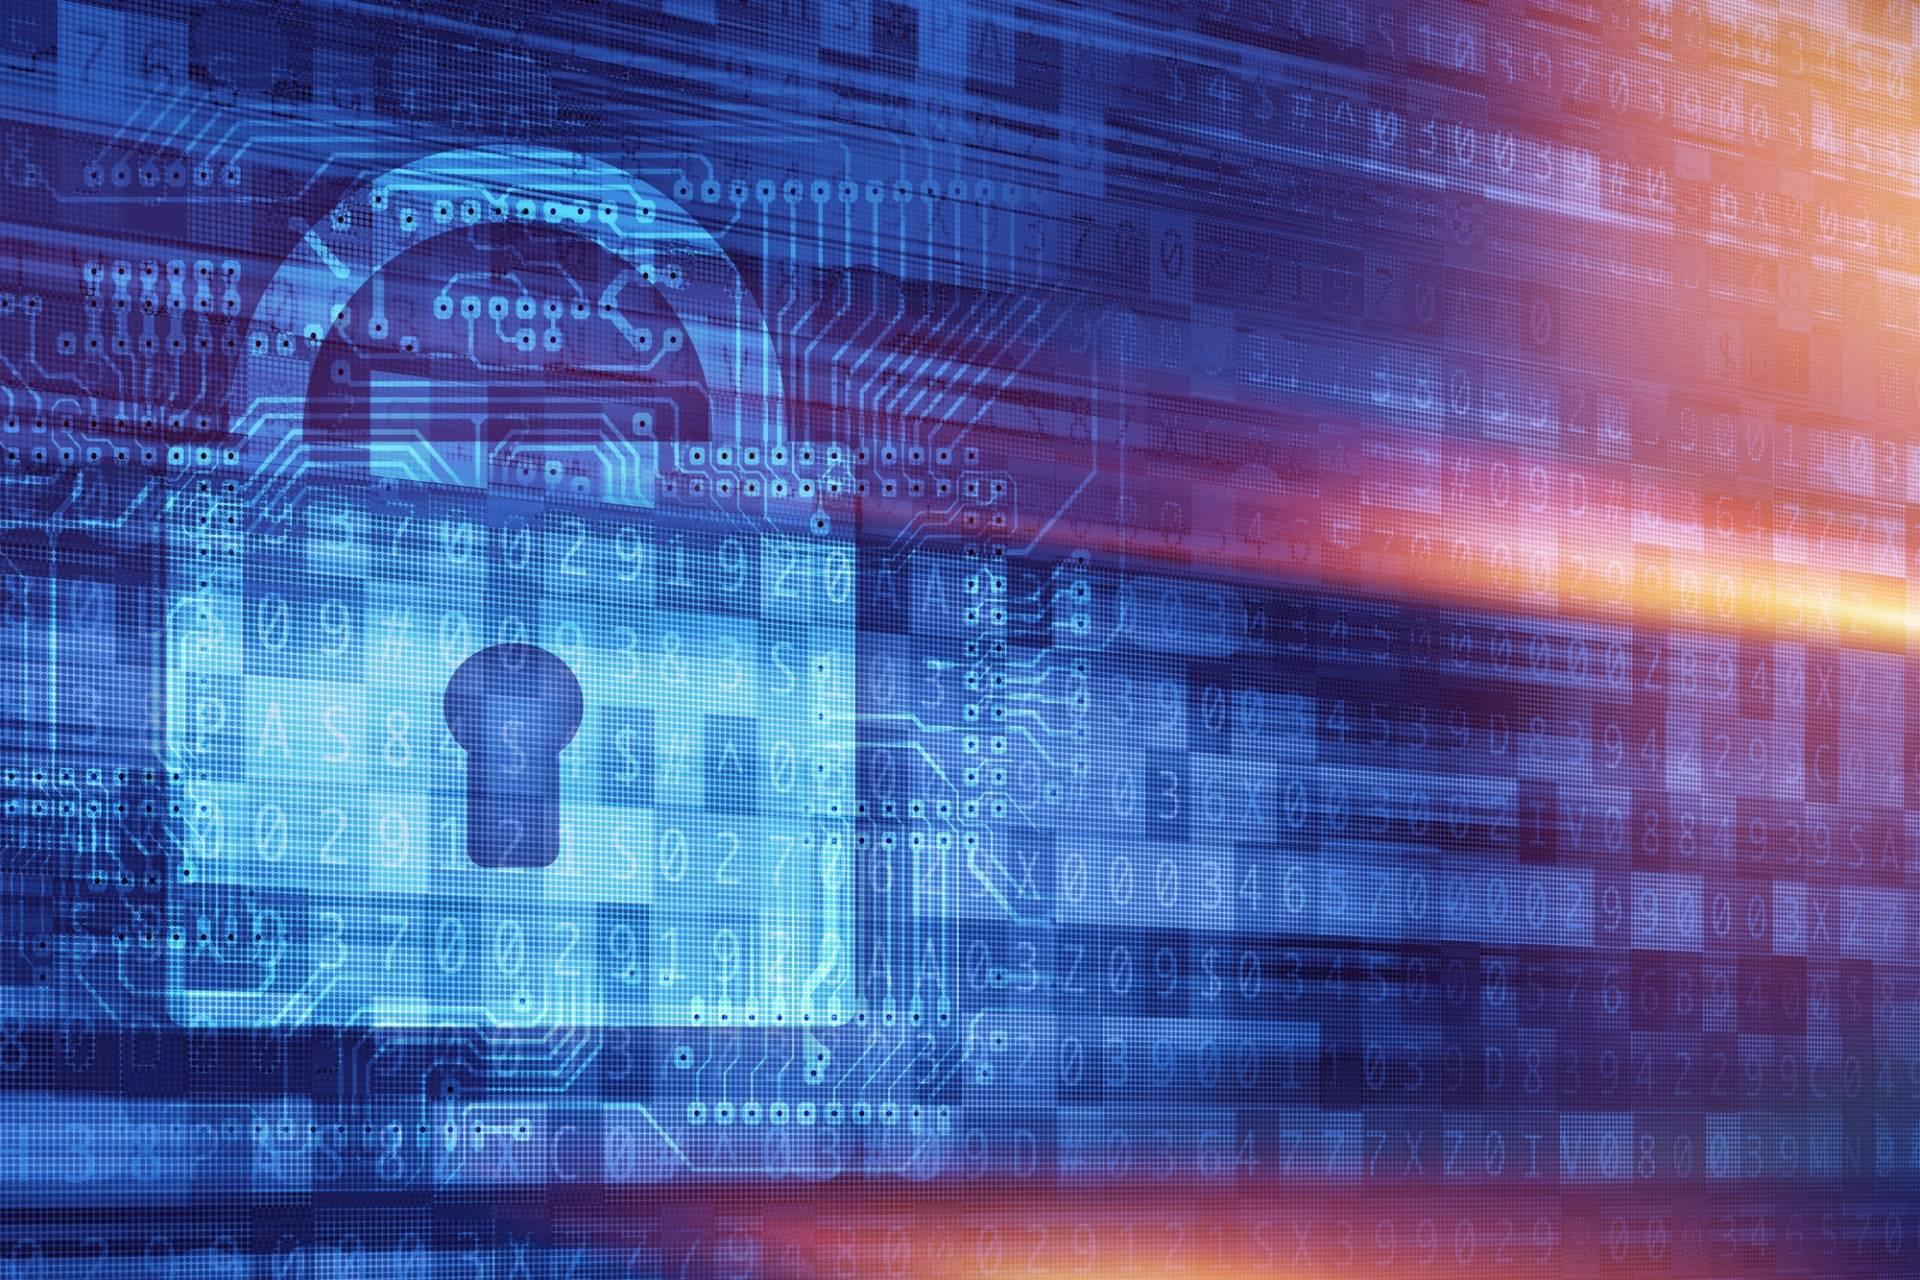 Crittografia: così si proteggono gli scambi informatici